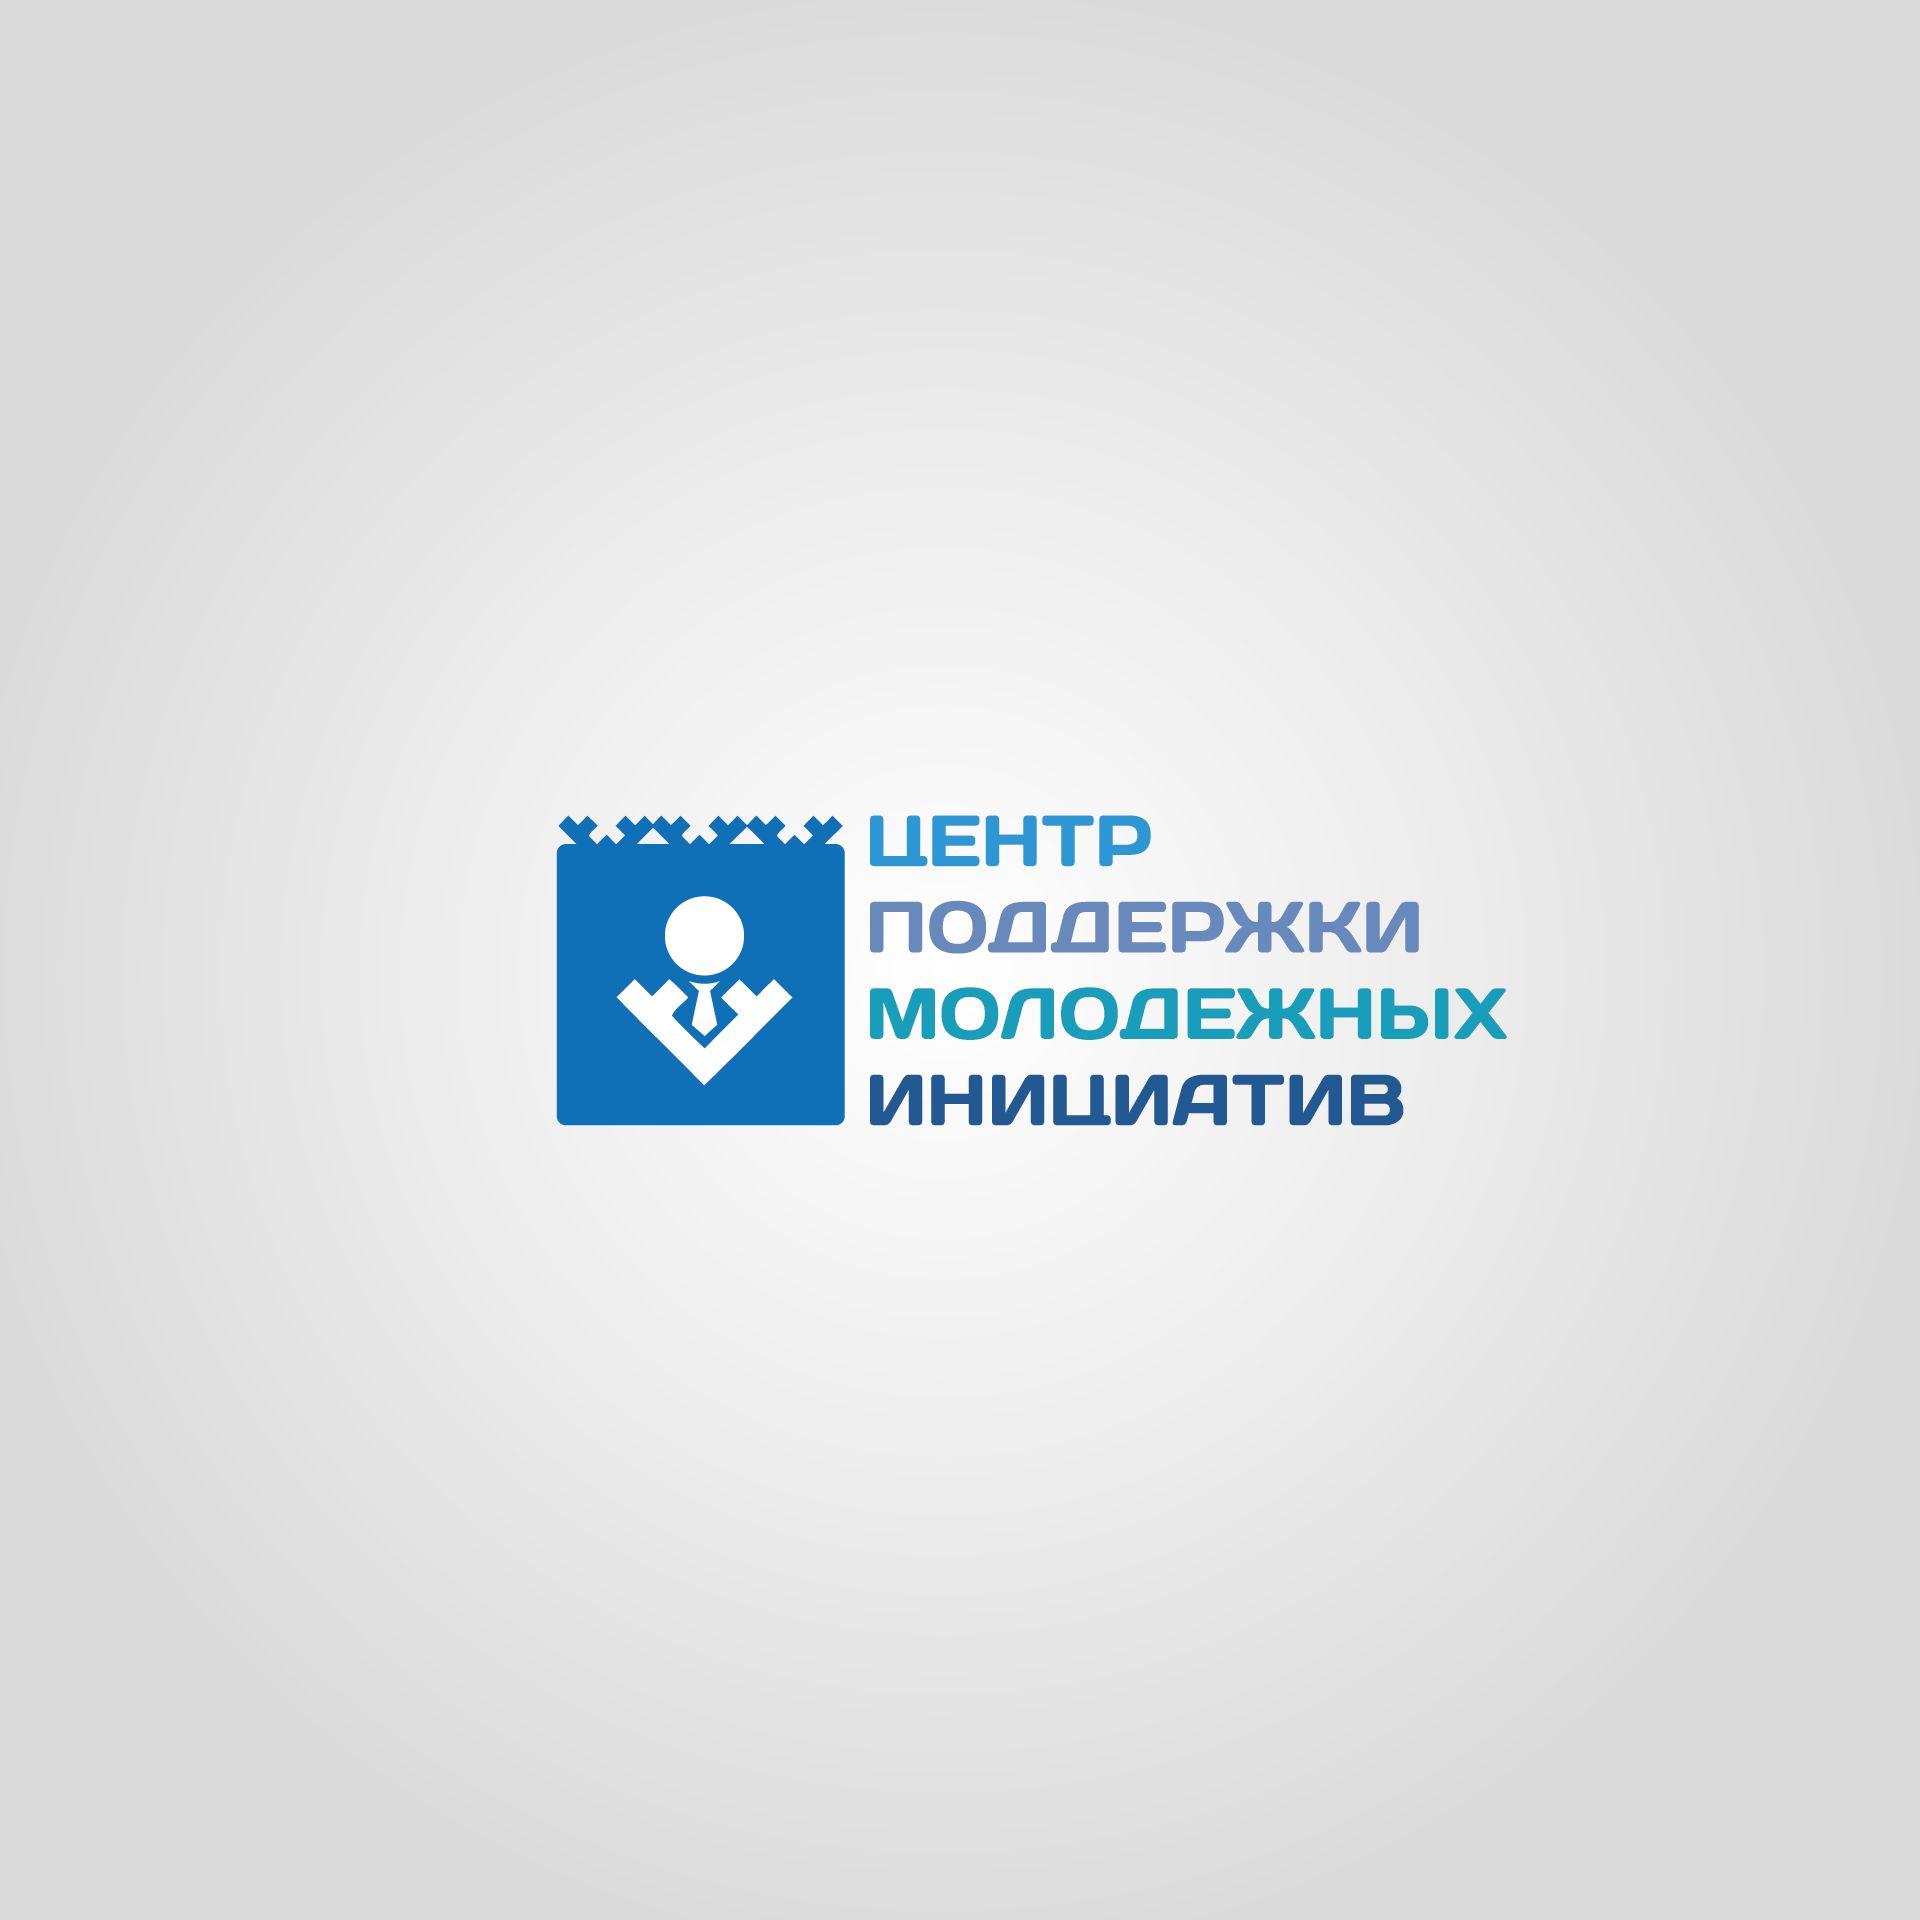 Логотип для Центра поддержки молодежных инициатив - дизайнер alpine-gold